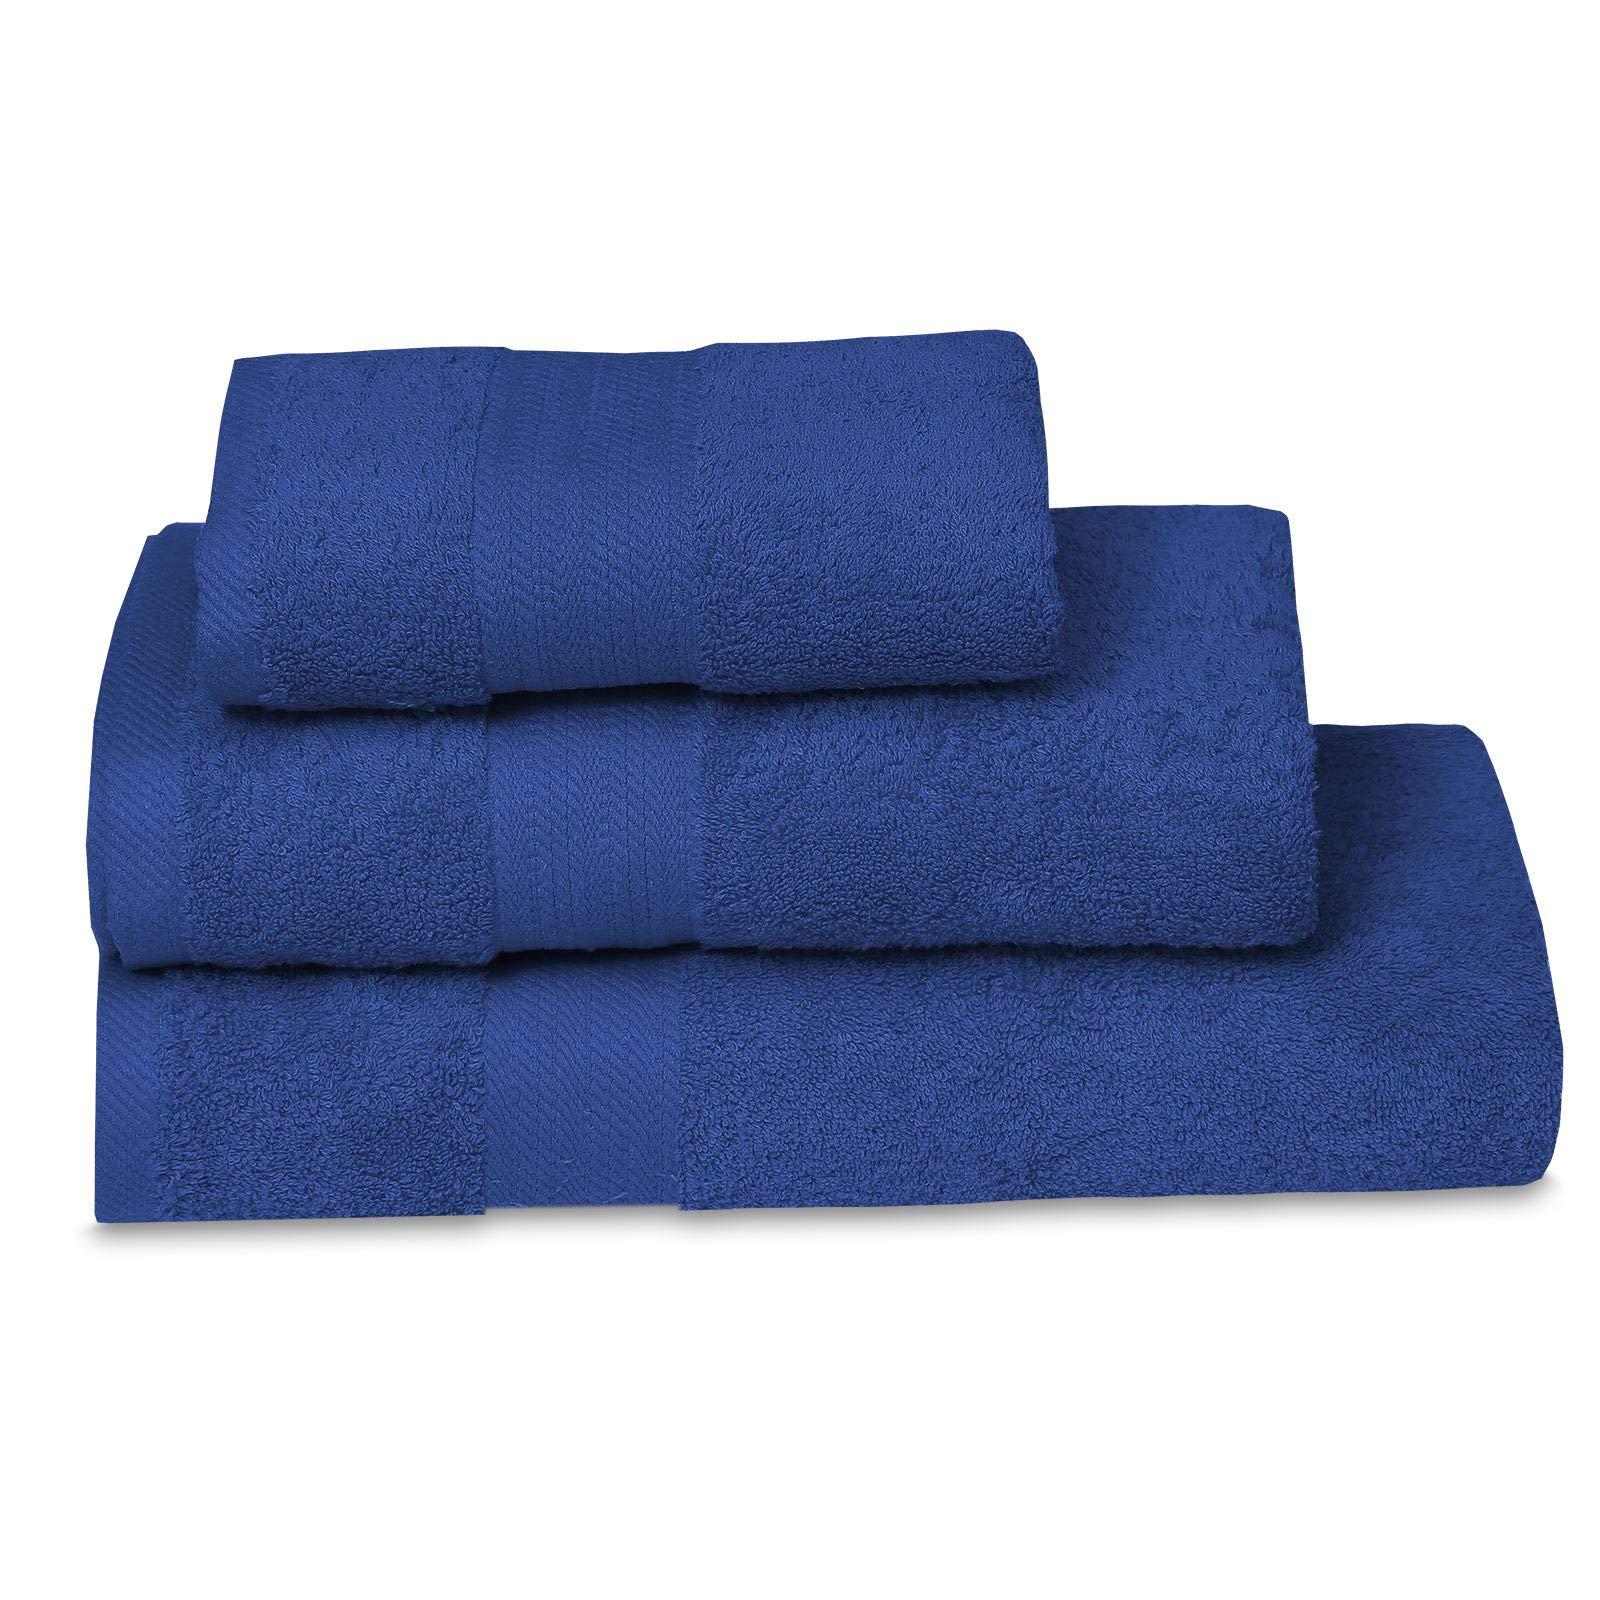 Nimsay Home - Toalla de rizo (100% algodón egipcio, 600 g/m²), algodón egípcio, azul, de mano: Amazon.es: Hogar